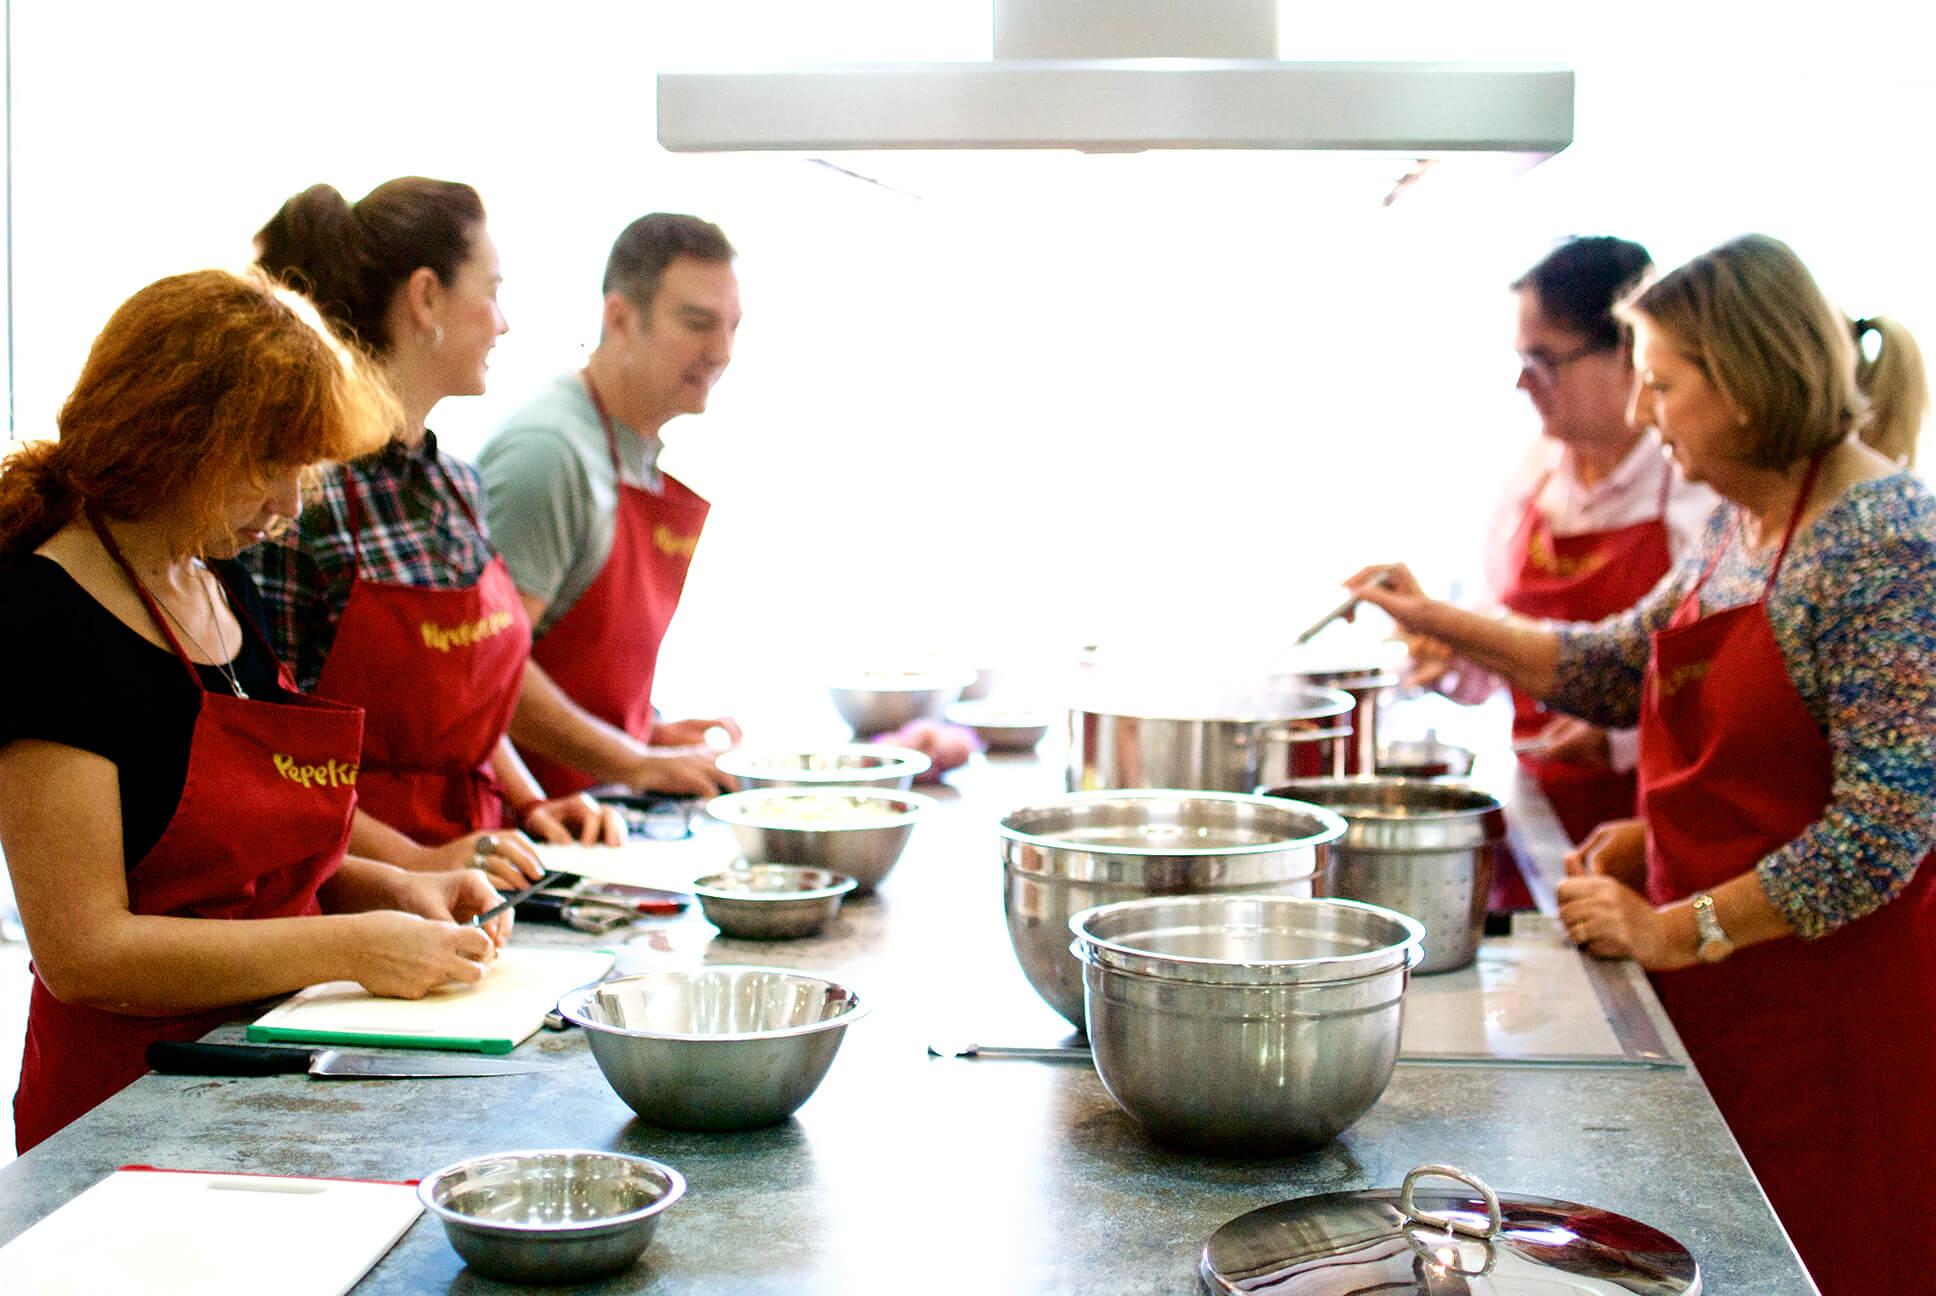 Pepekitchen escuela de cocina en m laga - Cursos de cocina sabadell ...